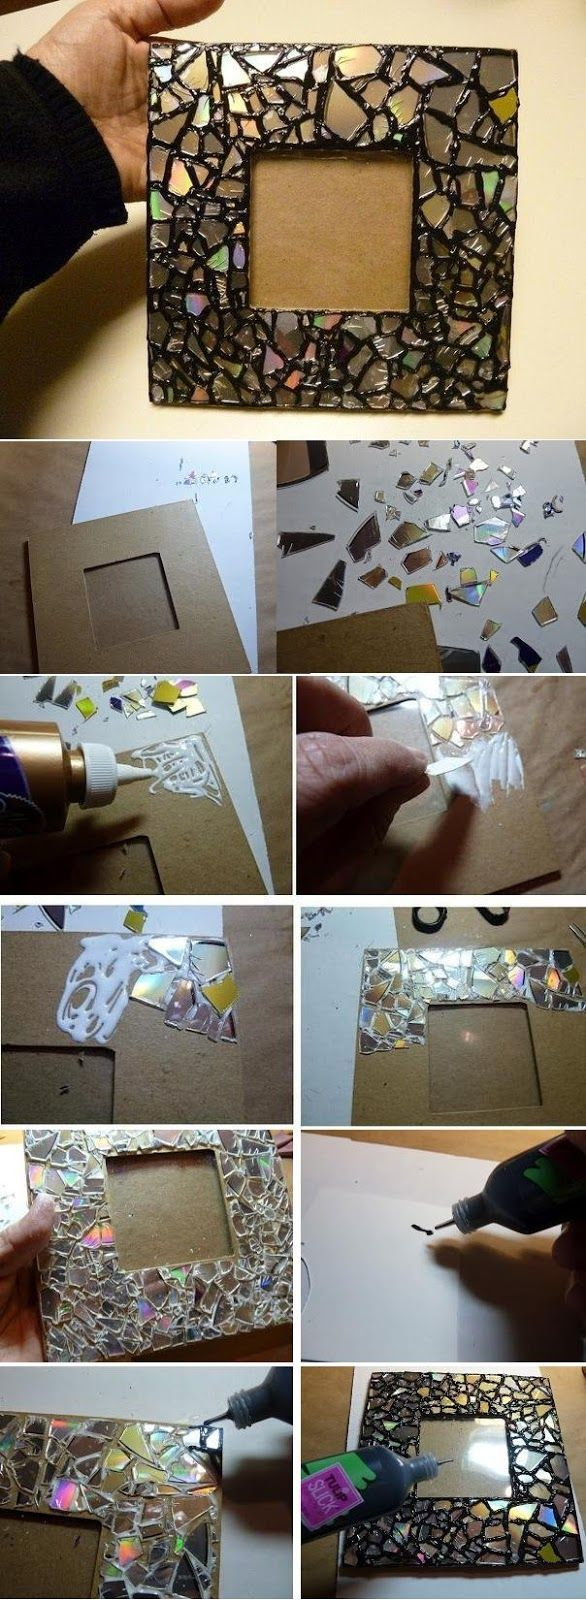 Eski compack diskler teneke makası ile kesilerek mozaik uygulaması yöntemiyle kartonun üzerine yapıştırılmış. Aralarındaki boşluklar ise siyah boyutlu kumaş boyası ile doldurulmuş. Bu geri dönüşüm pro